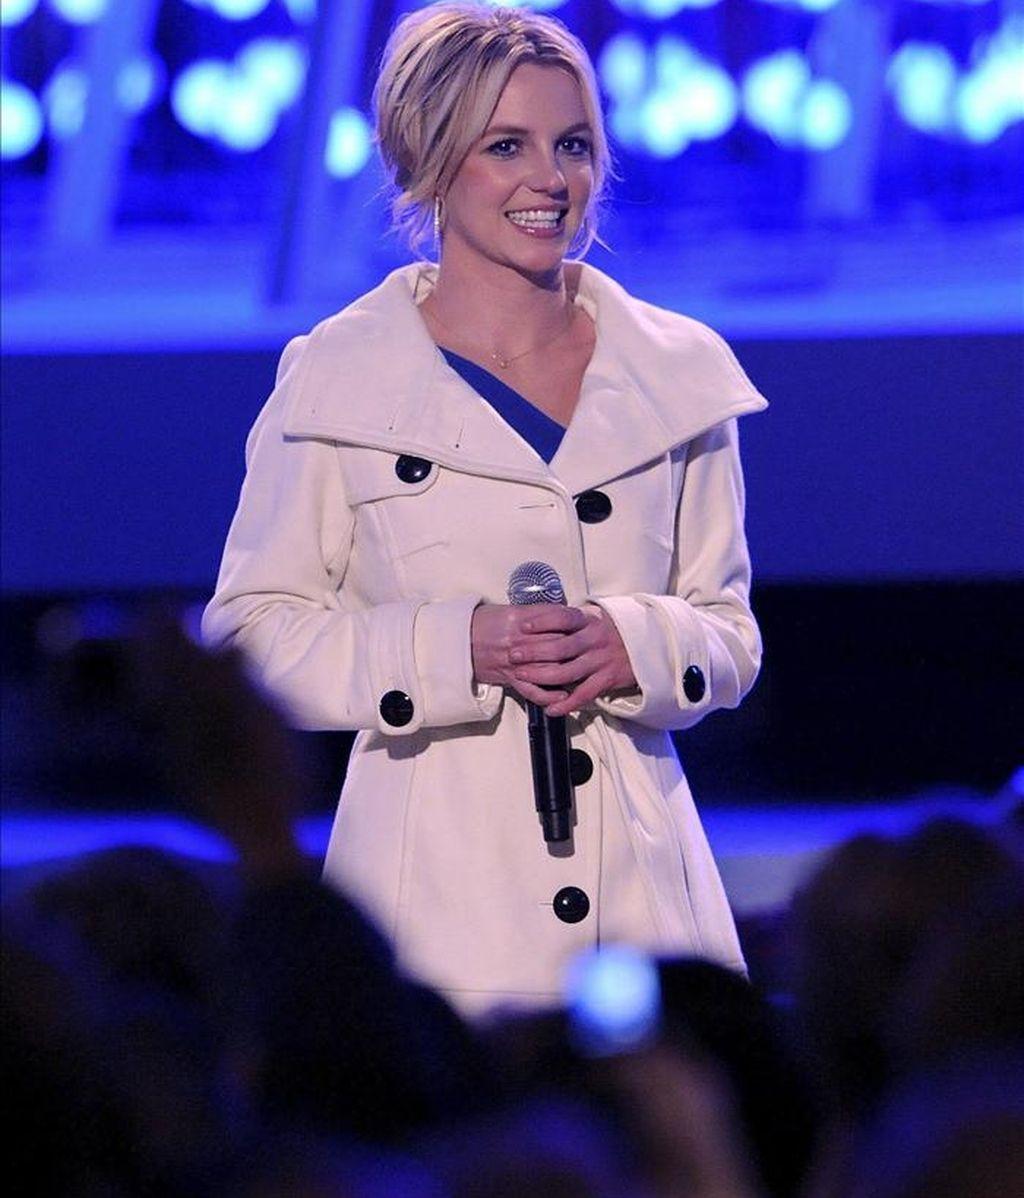 En la imagen la cantante estadounidense Britney Spears. EFE/Archivo